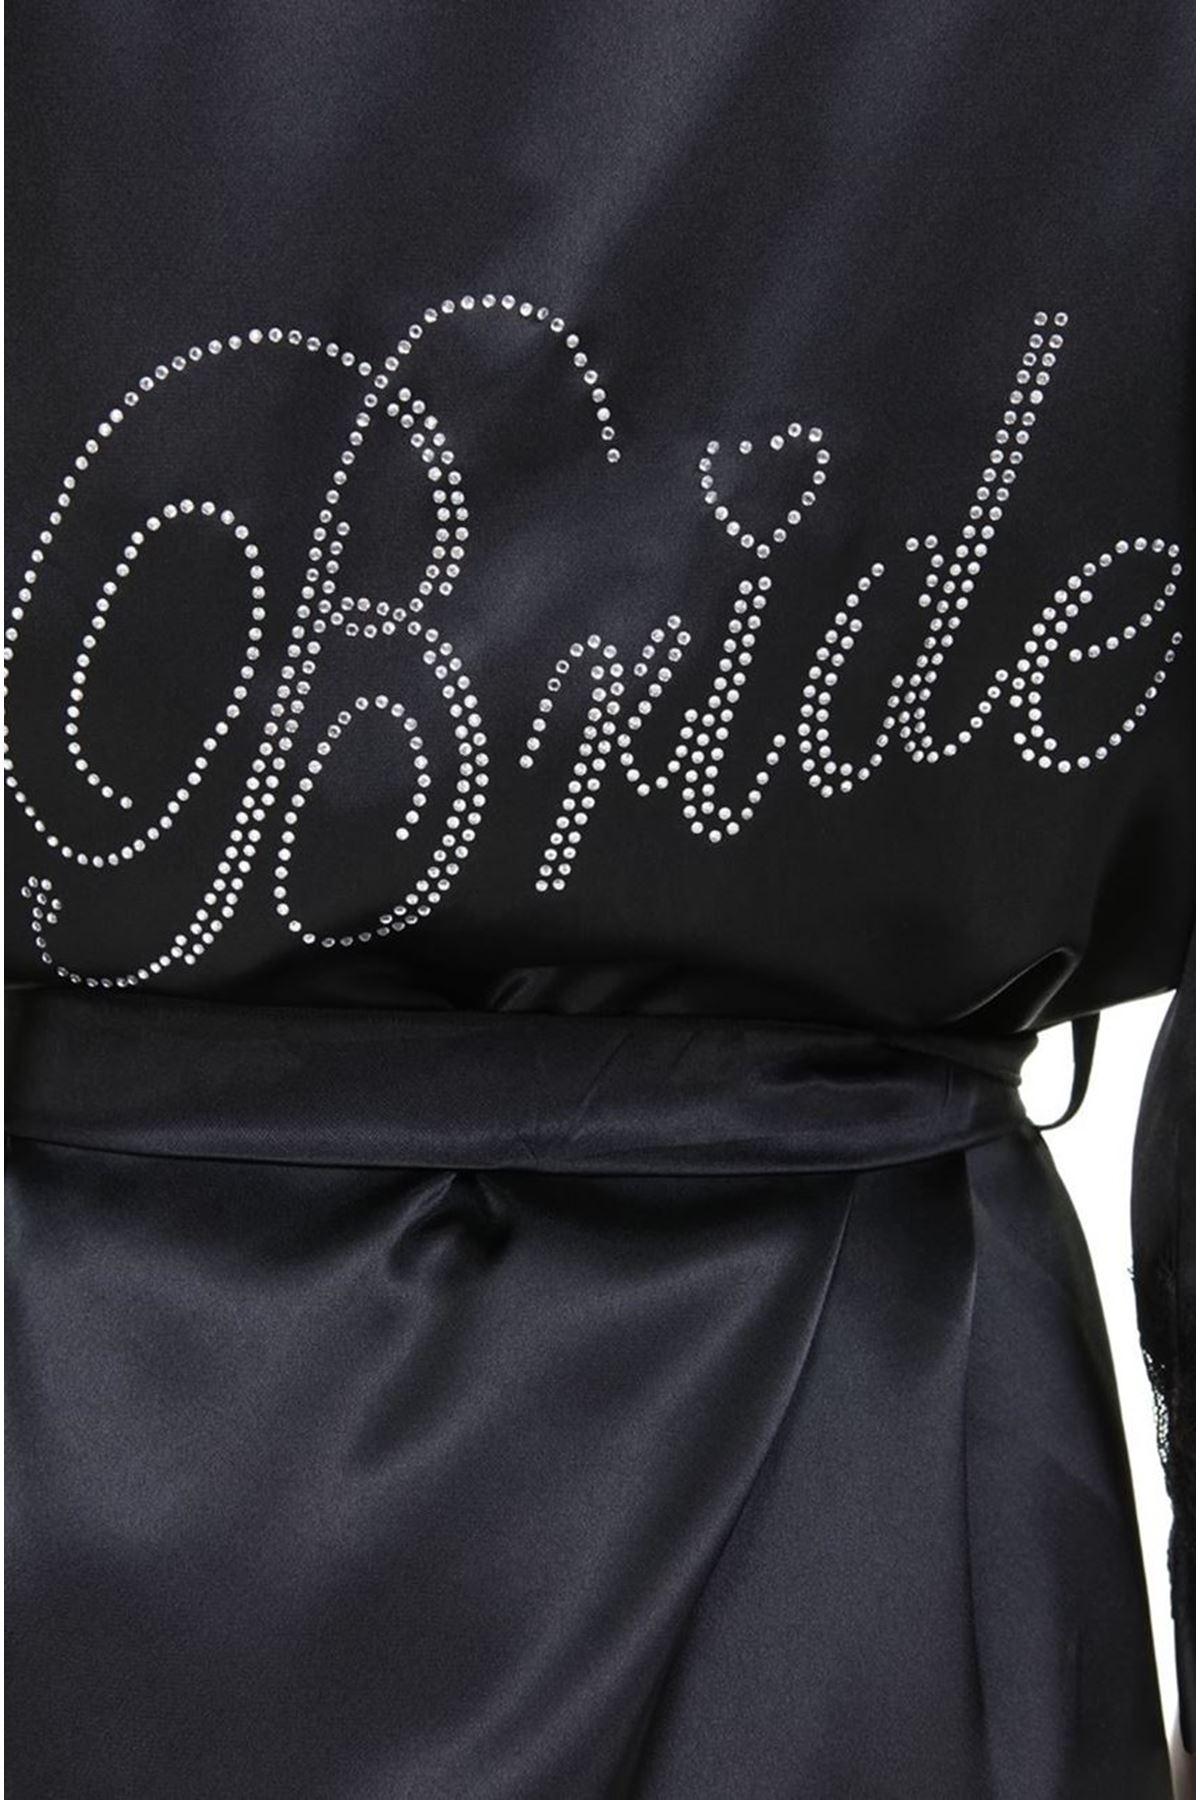 Asimod Kadın Saten Bride Battal Sabahlık